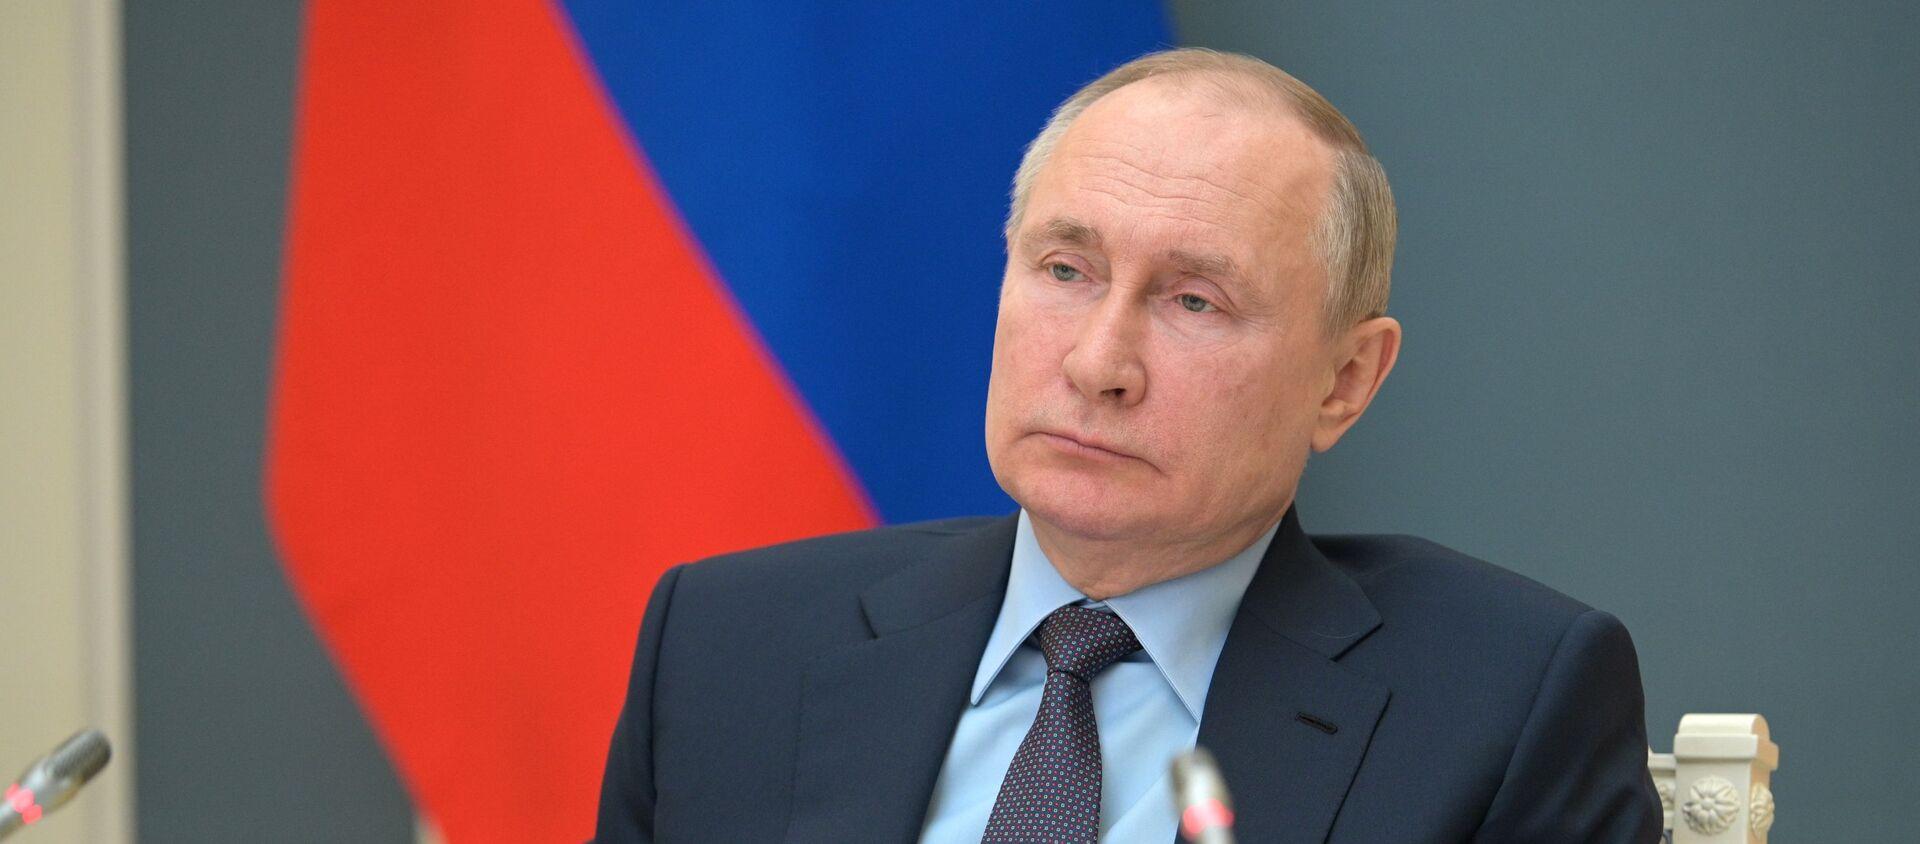 Tông thống Nga Vladimir Putin. - Sputnik Việt Nam, 1920, 17.04.2021